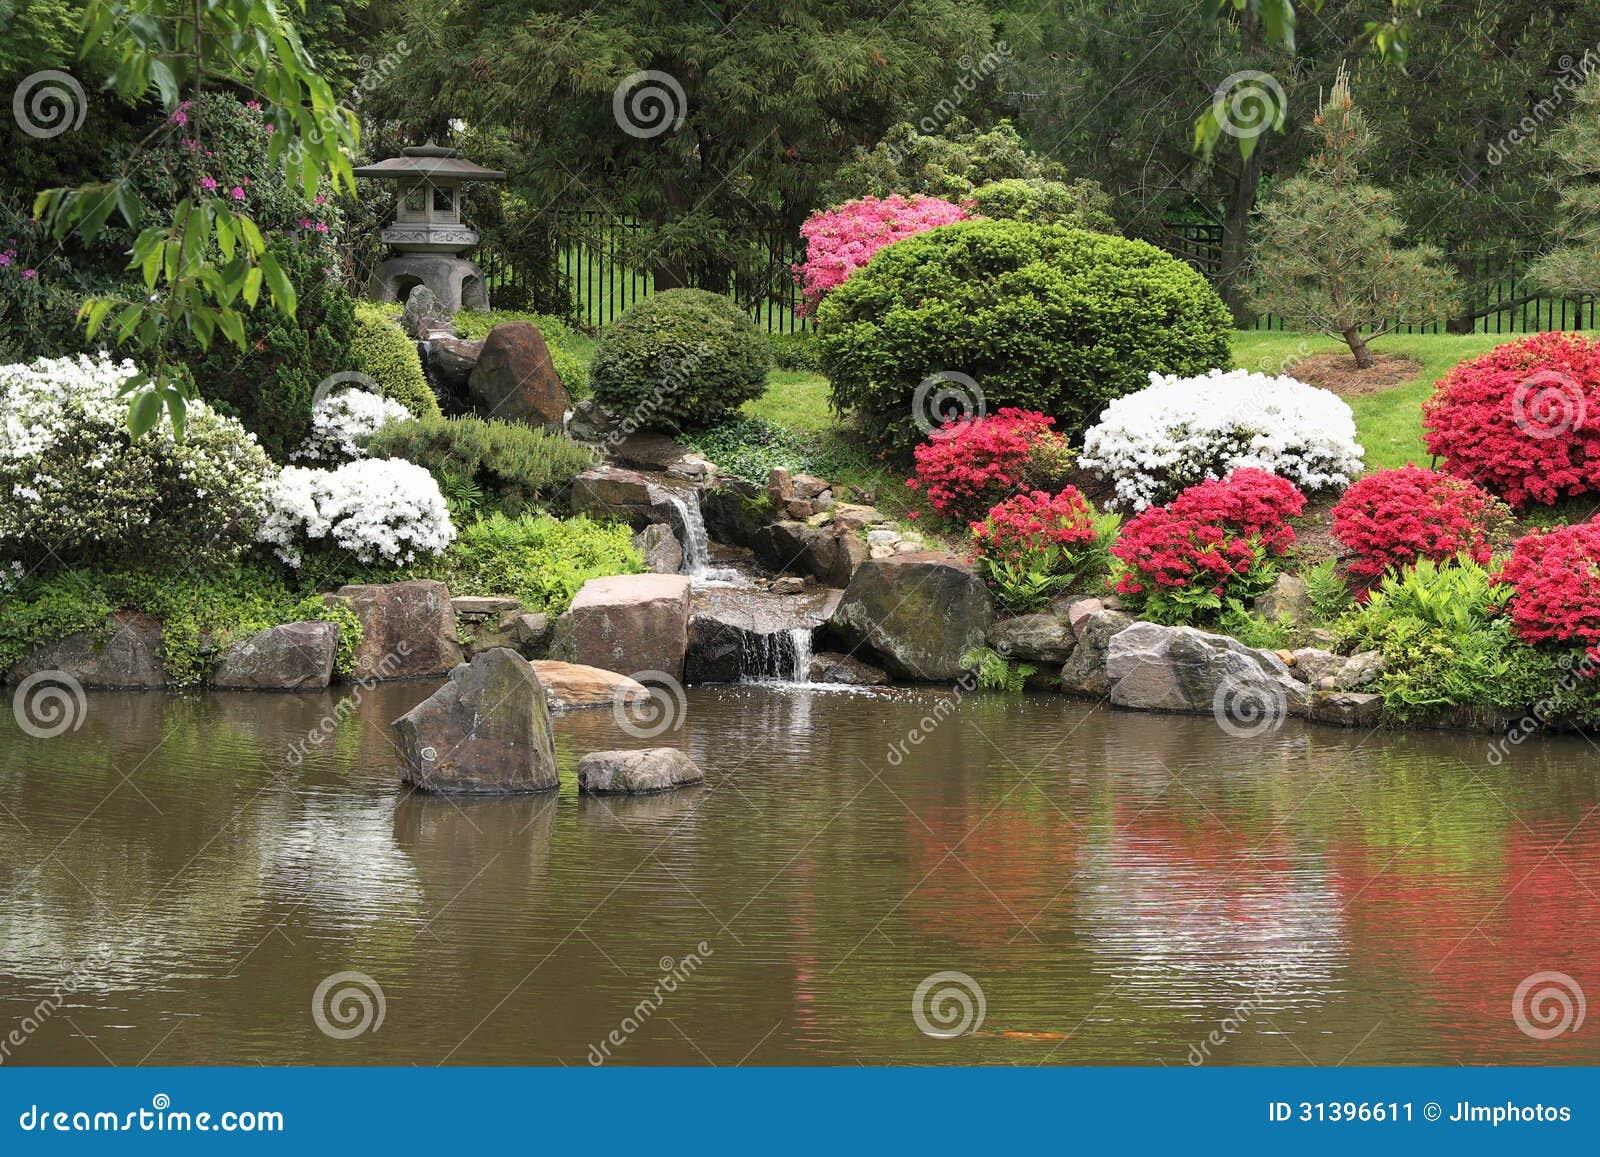 Giardini e fontana giapponesi della casa da t in for Foto case giapponesi